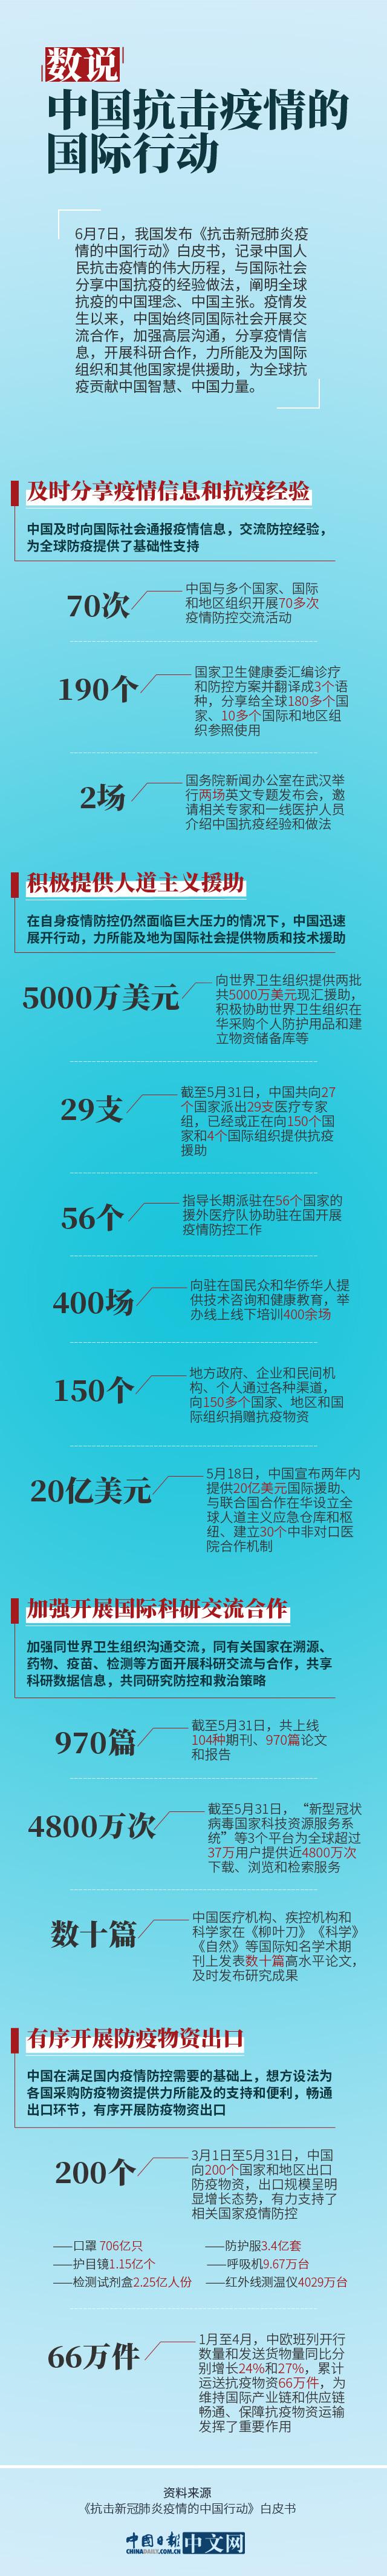 数说中国抗击疫情的国际行动